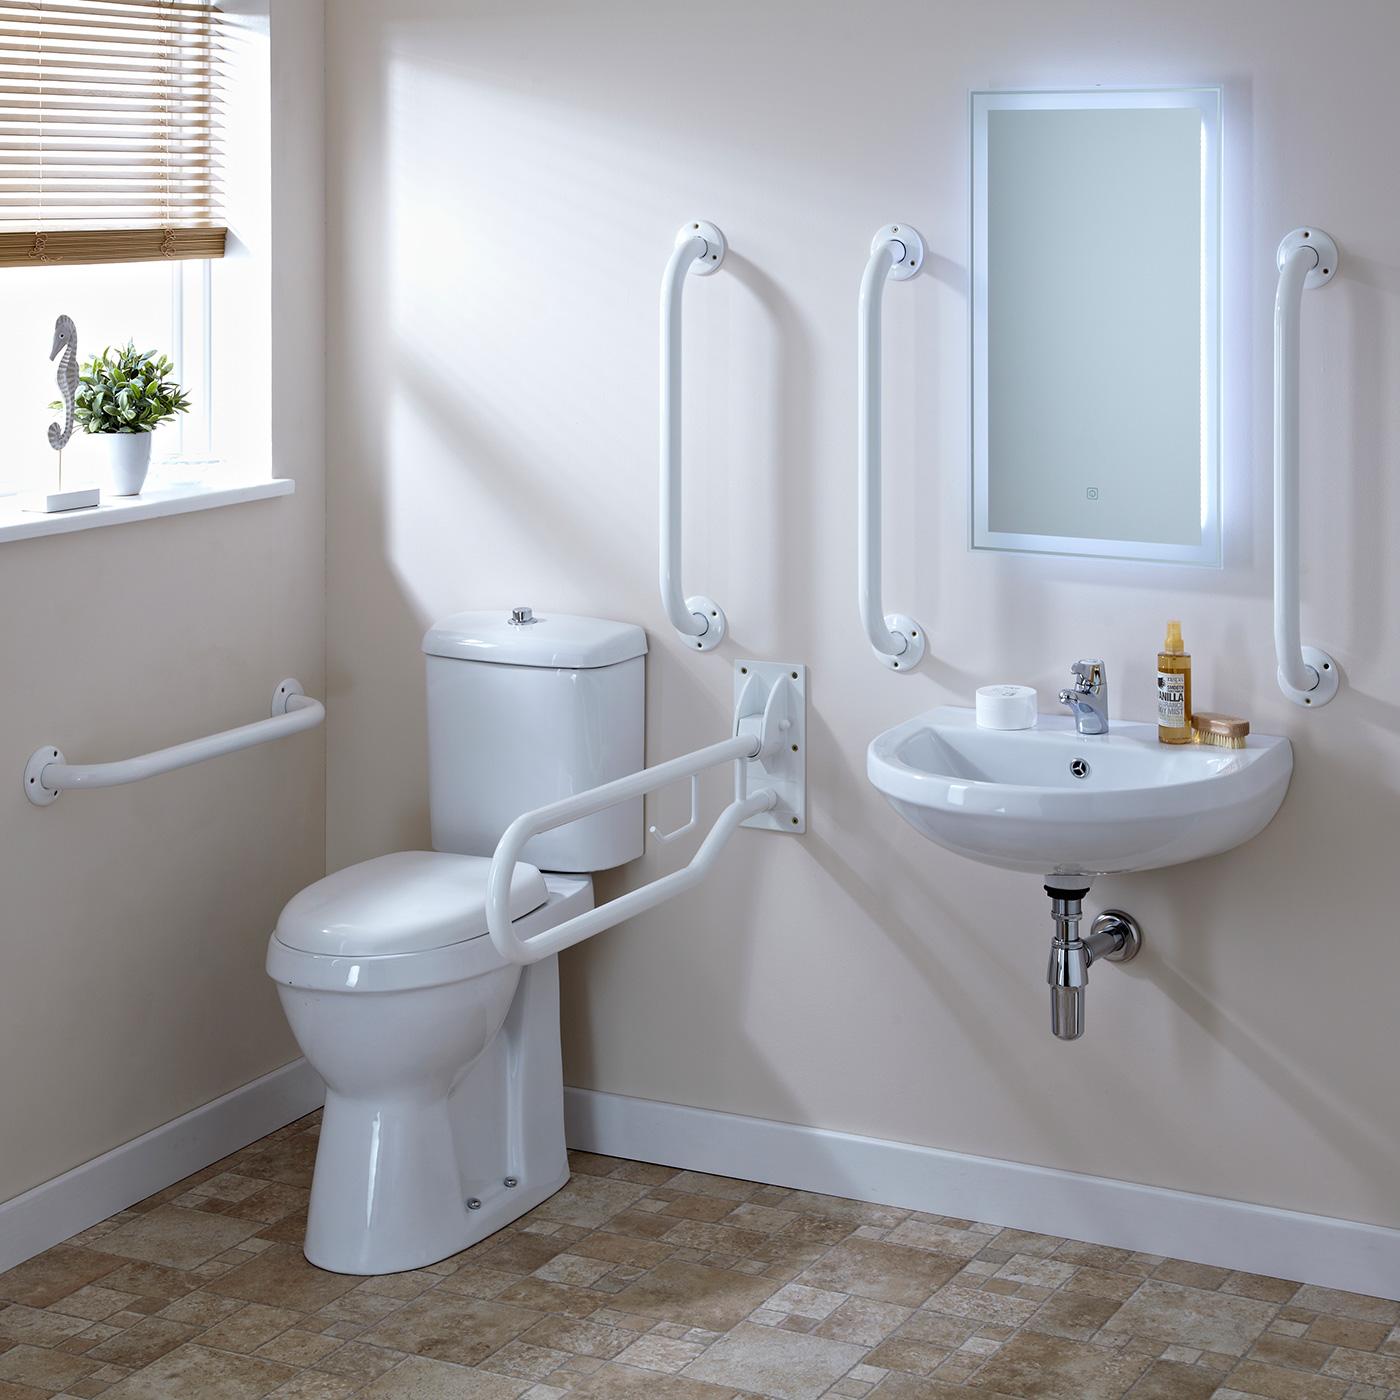 Document M. gehandicapten toilet,wasbak, kraan en toiletbeugels